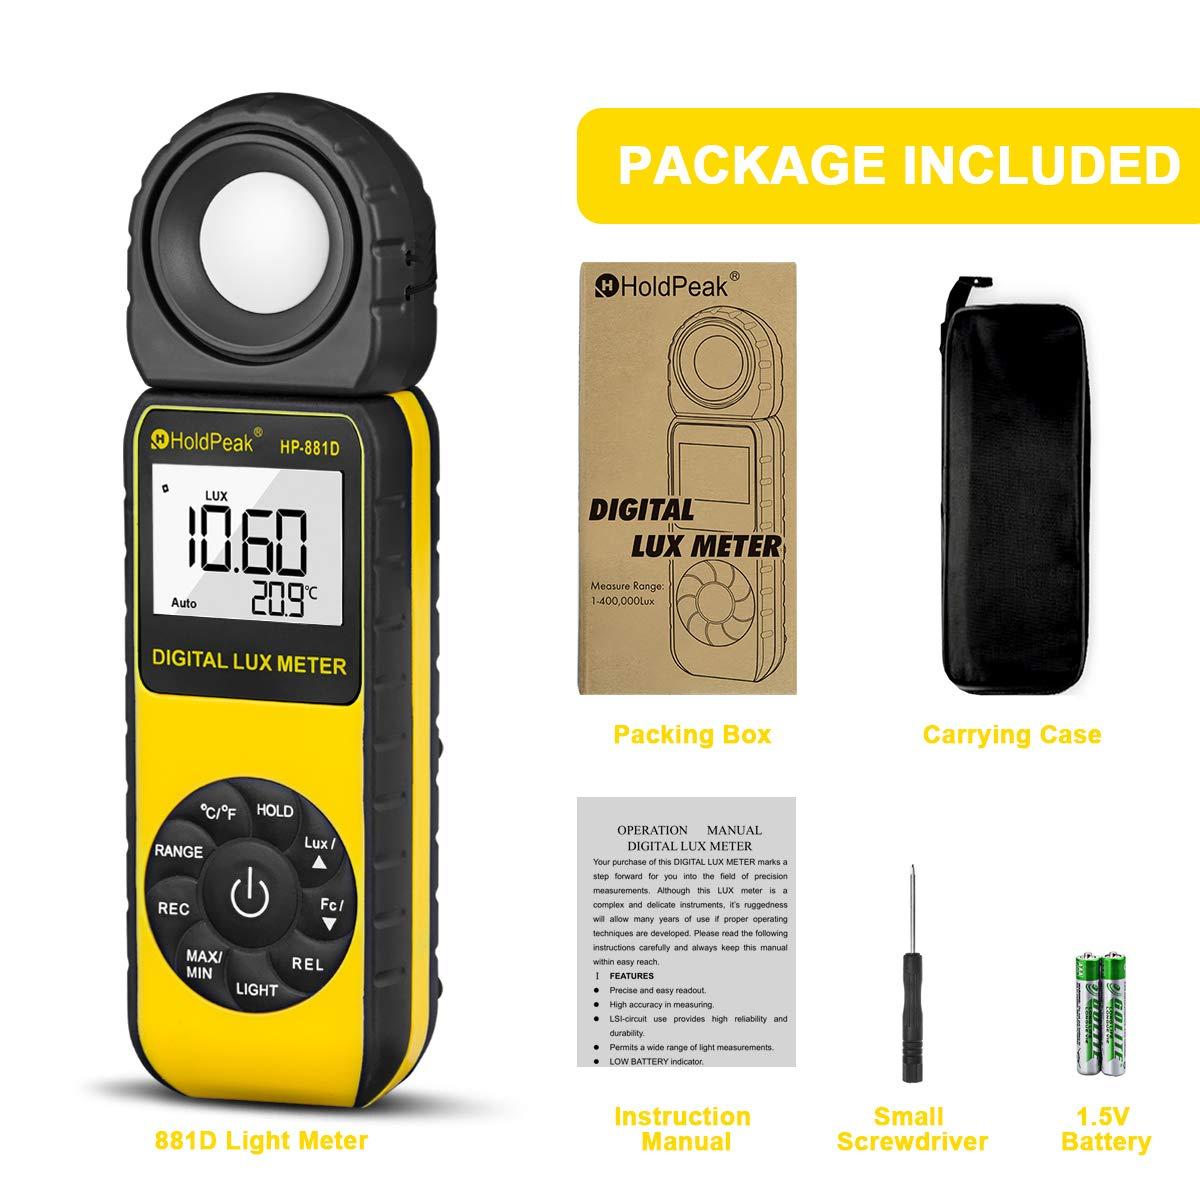 1-40,000 FC,Misurare Temperatura,LCD Retroilluminato,Batteria Inclusa HoldPeak 881D Misuratori di luce,Luxmetro Digitale,Misuratori di luce 0.1-400,000 Lux